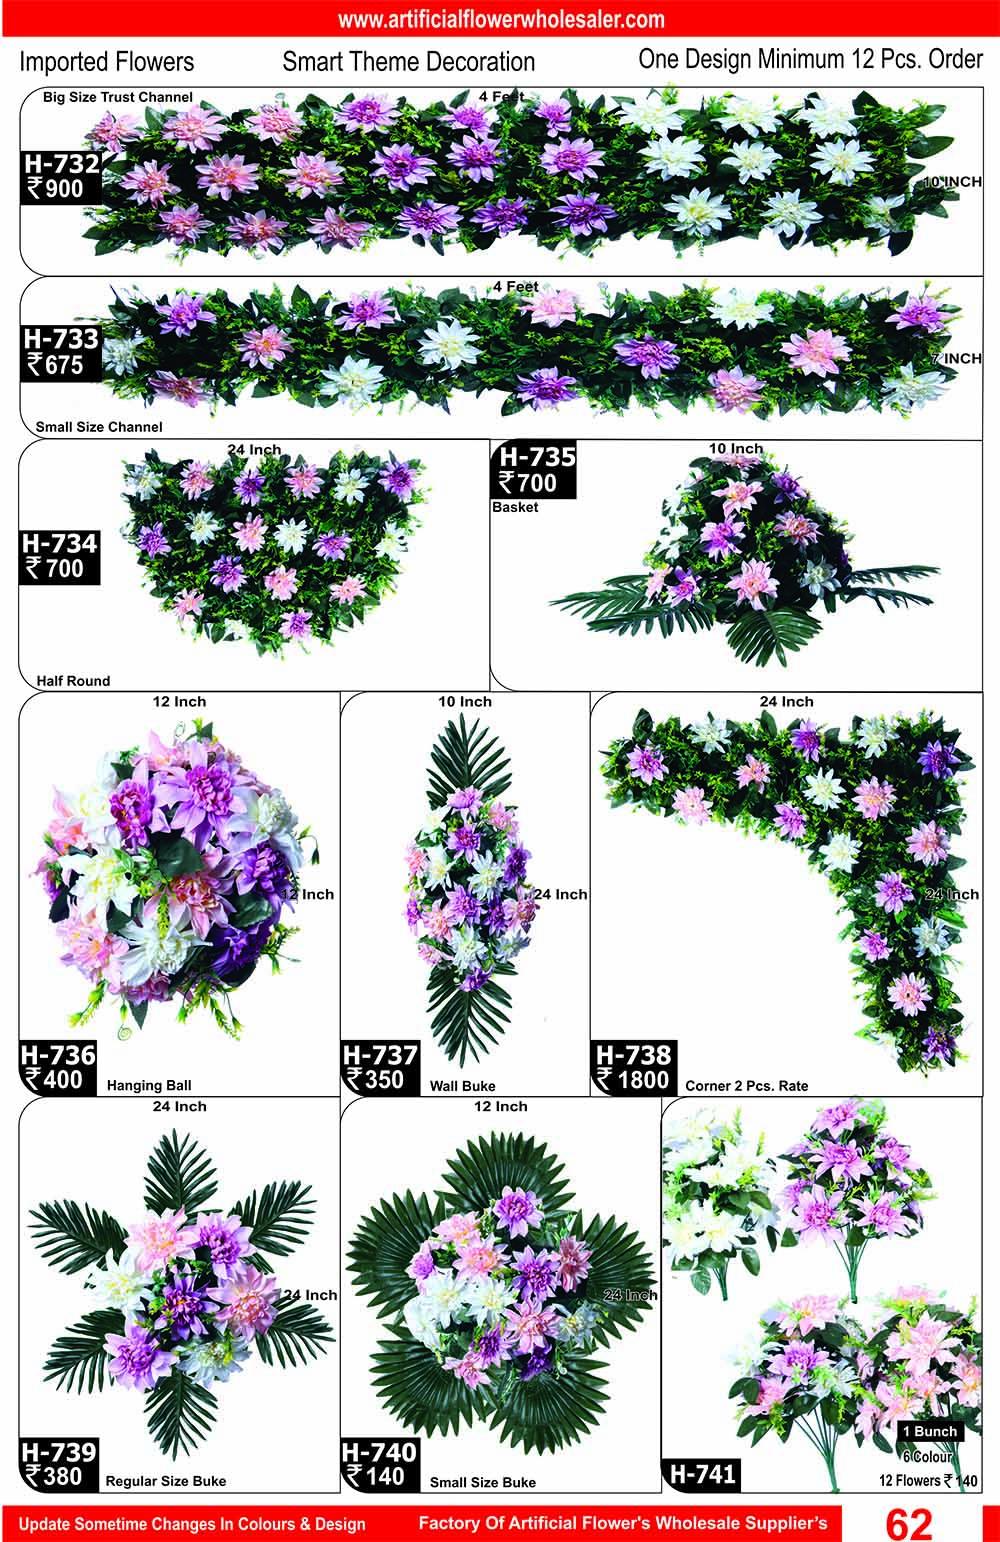 62-artificial-flower-wholesaler